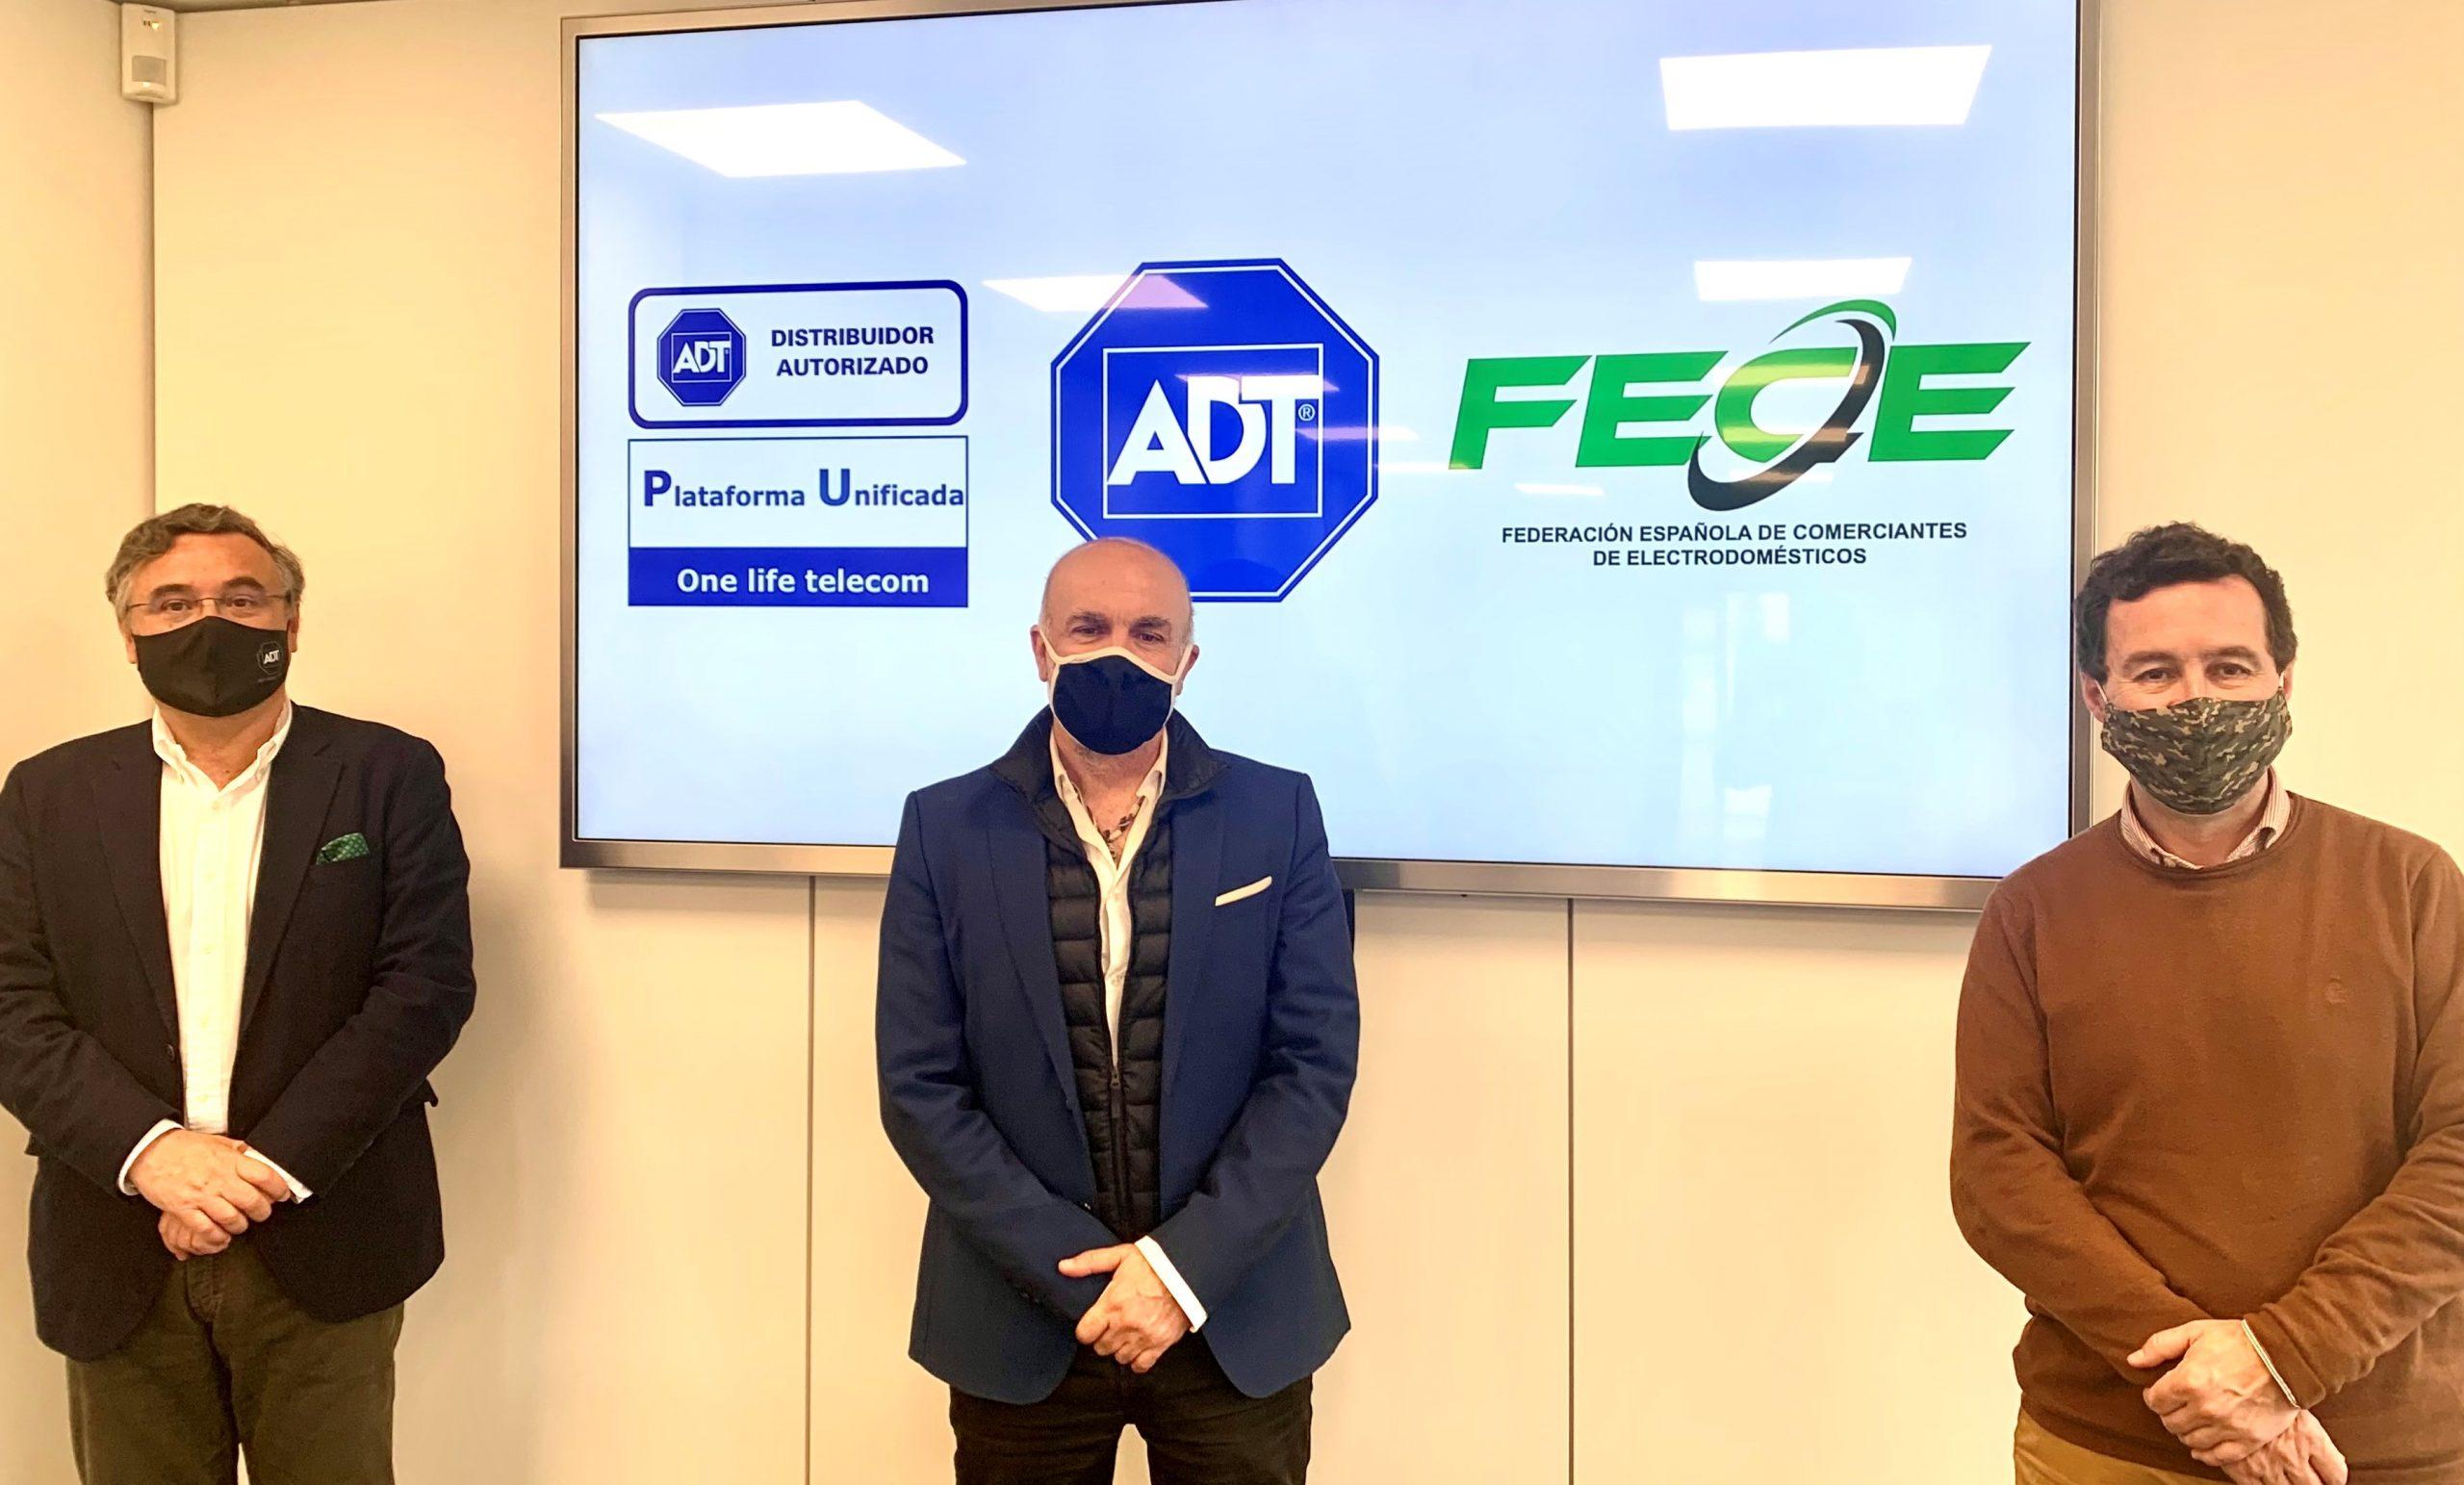 FECE incorpora los servicios de seguridad de ADT a la red de tiendas adheridas en España.